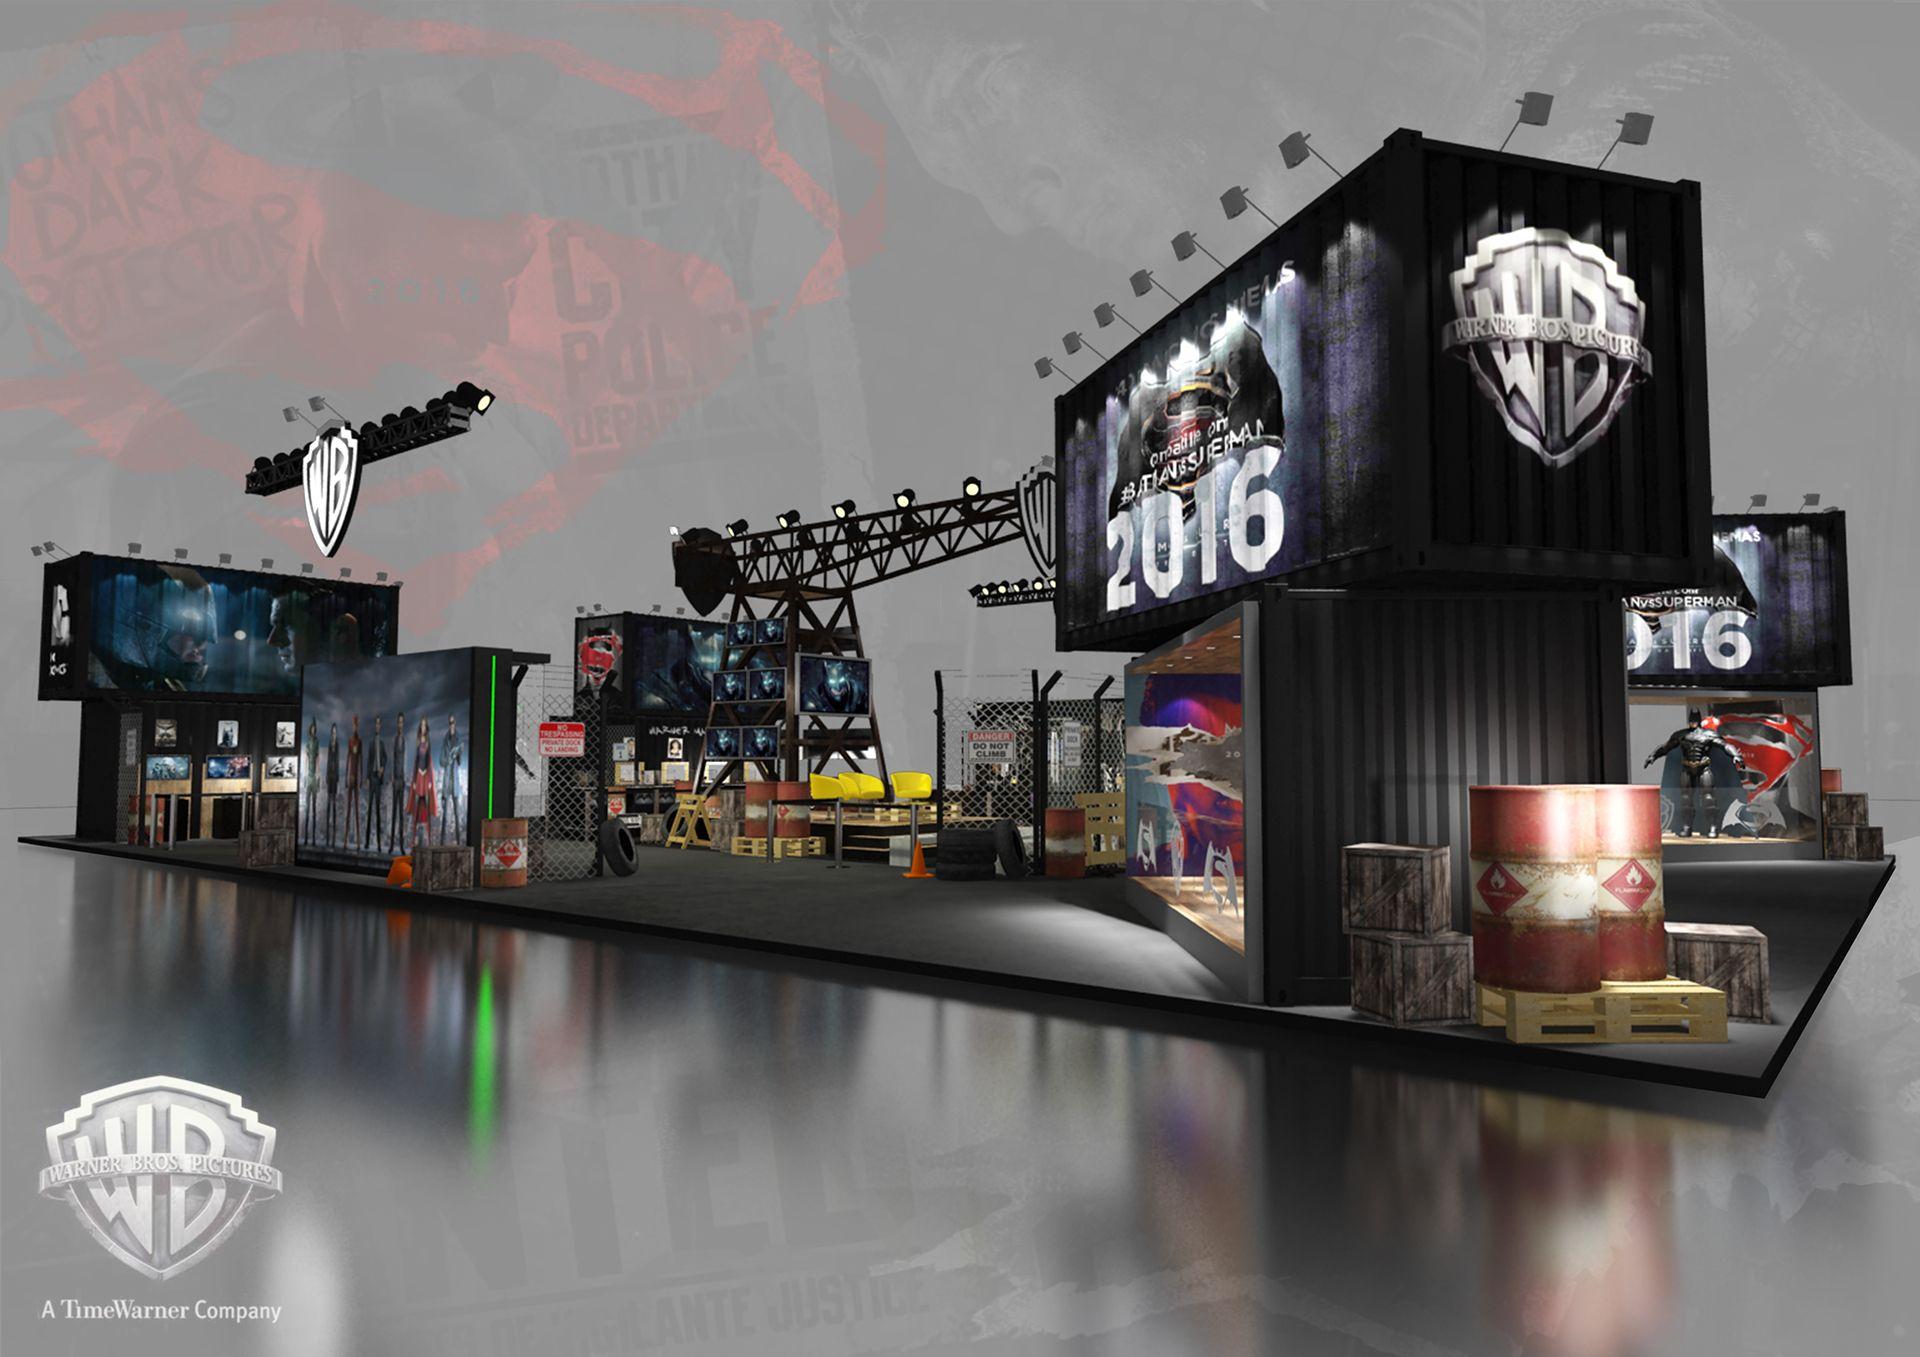 Warner Bros Ccxp 2015 On Behance Vystavochnye Stendy Vystavochnyj Stend